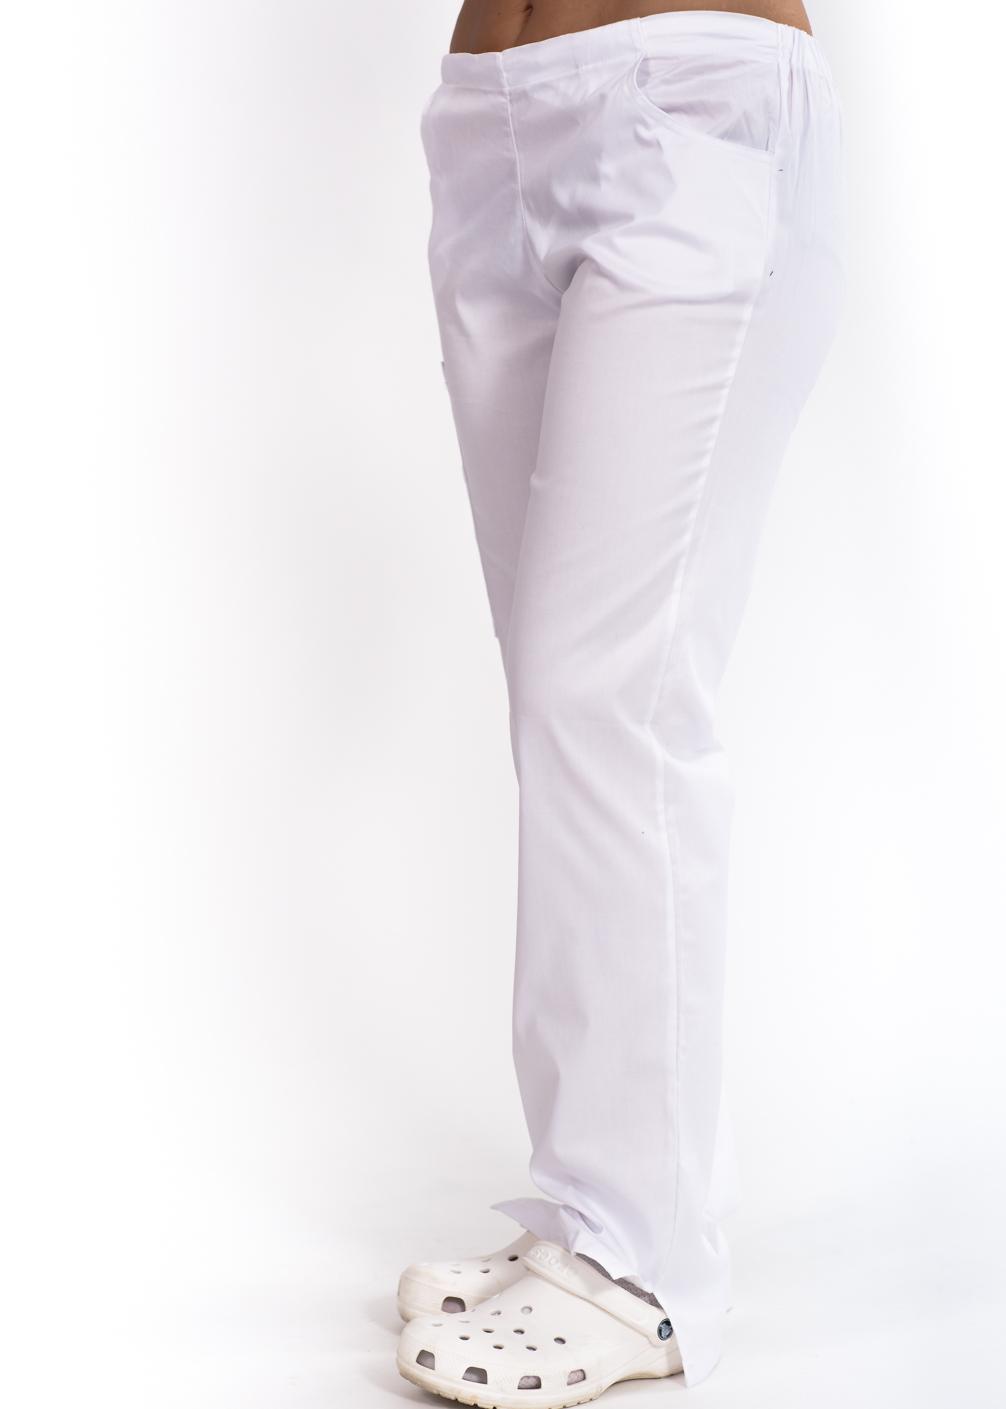 c6cee6aa87 Primula dámske nohavice- biela - DiangeloDiangelo